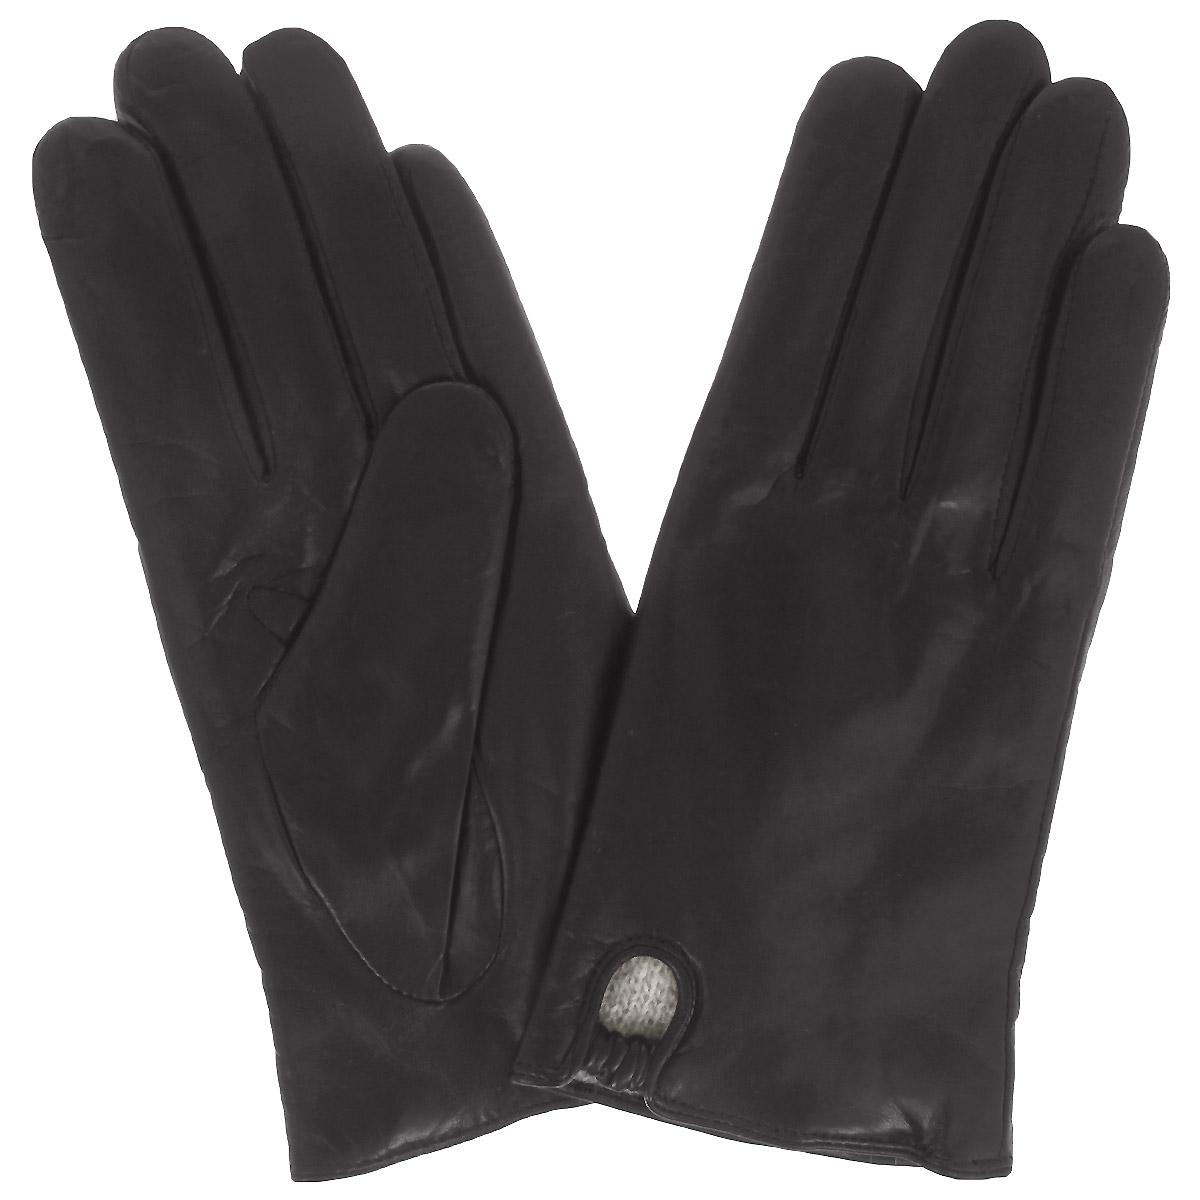 Перчатки женские Dali Exclusive, цвет: черный. 11_NELLA/BL. Размер 6,5 перчатки женские eleganzza цвет черный is0424 размер 8